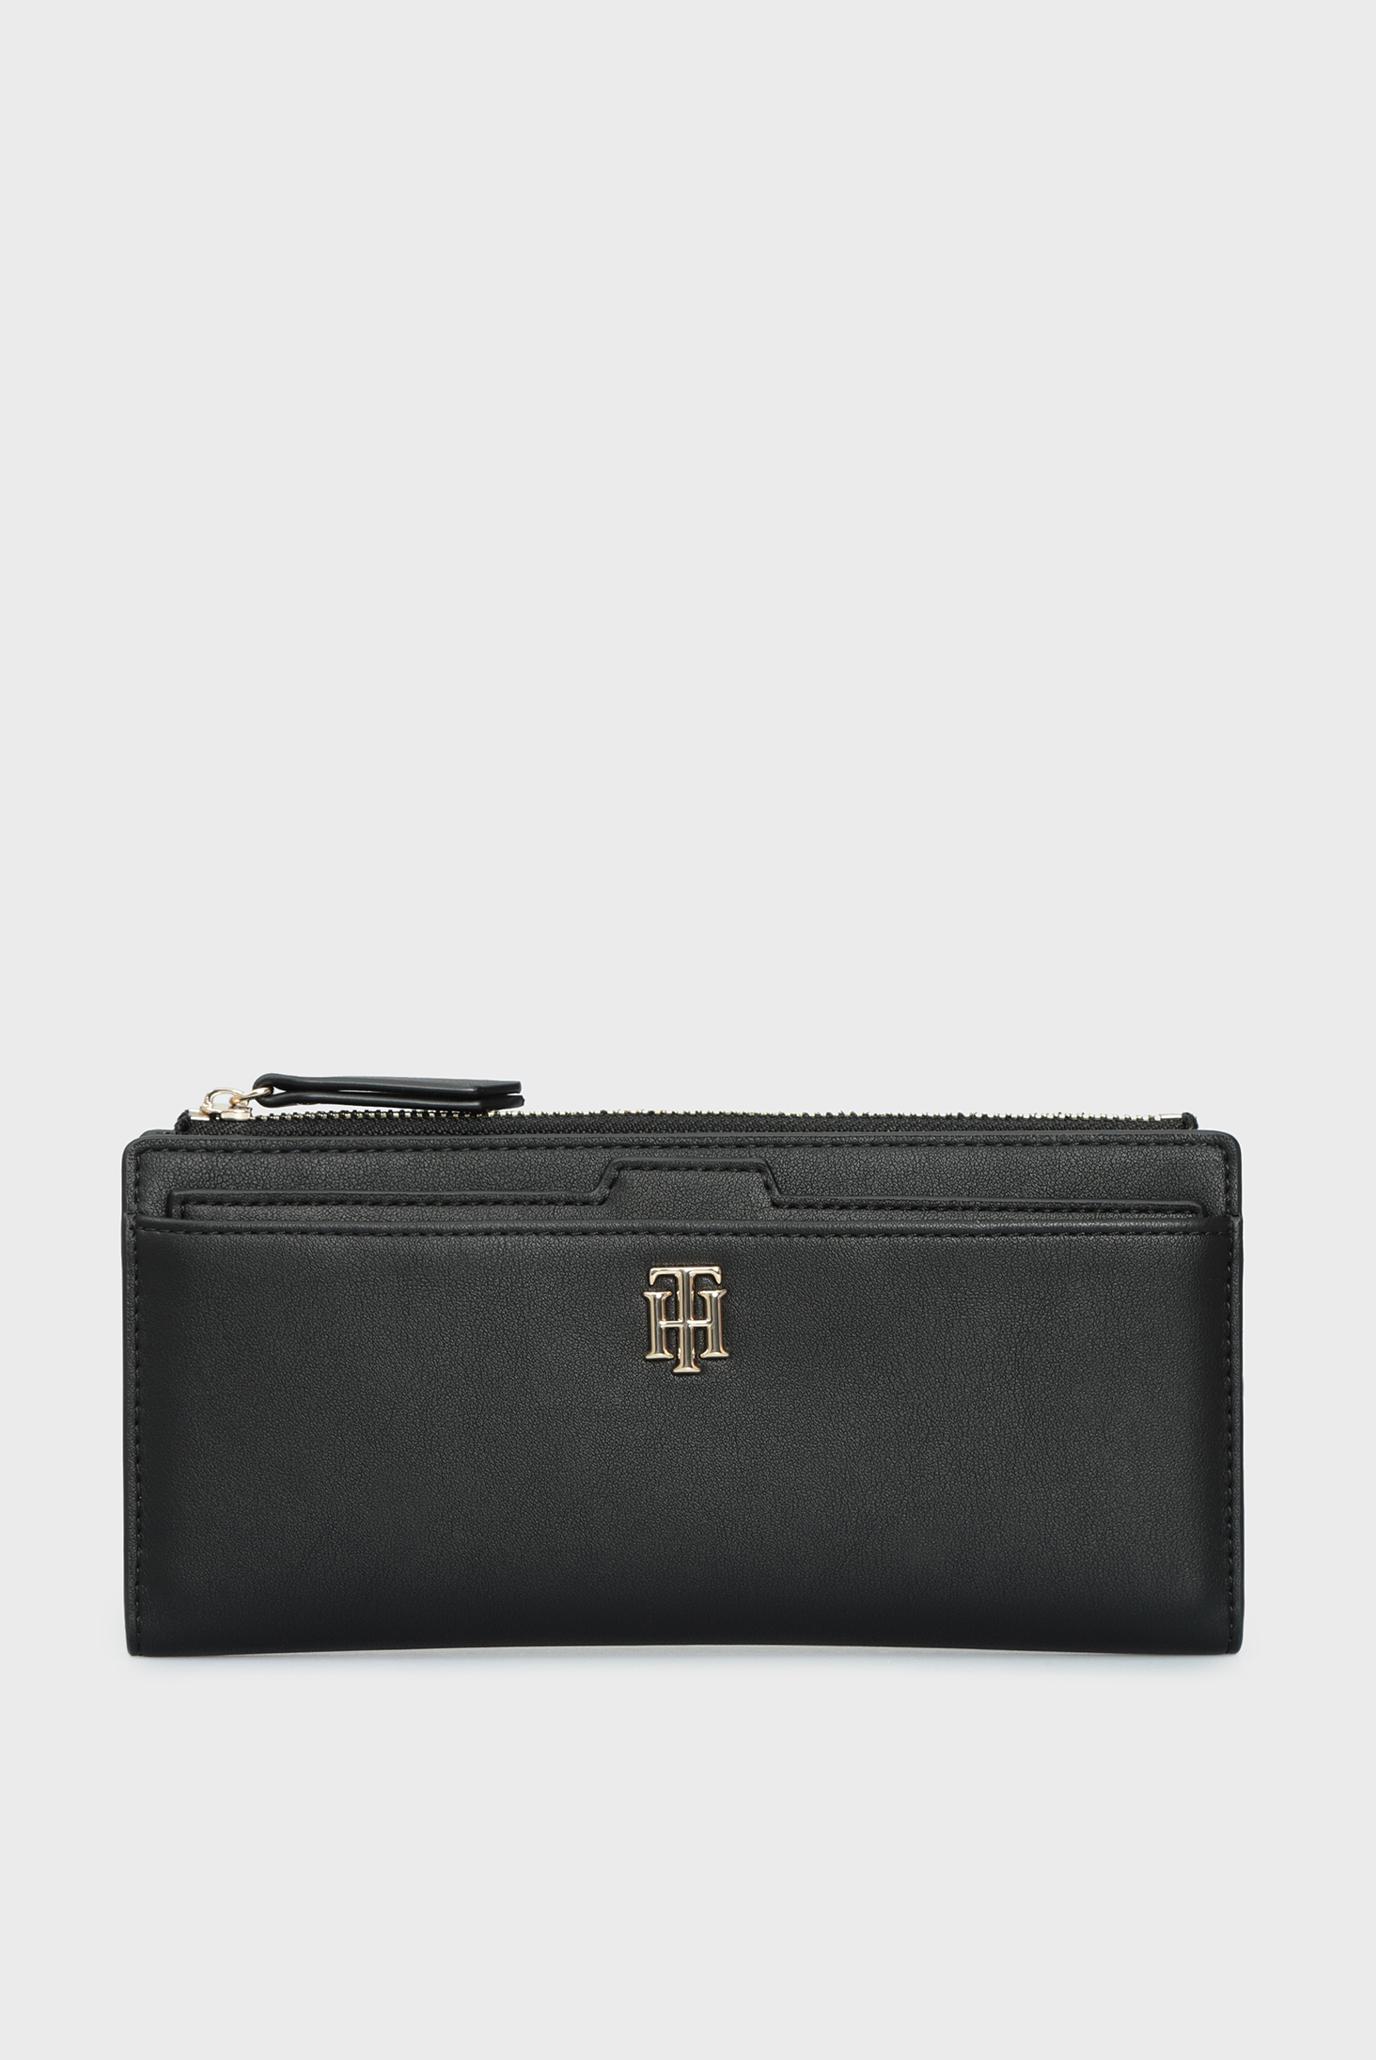 Жіночий чорний гаманець TH SEASONAL SLIM 1